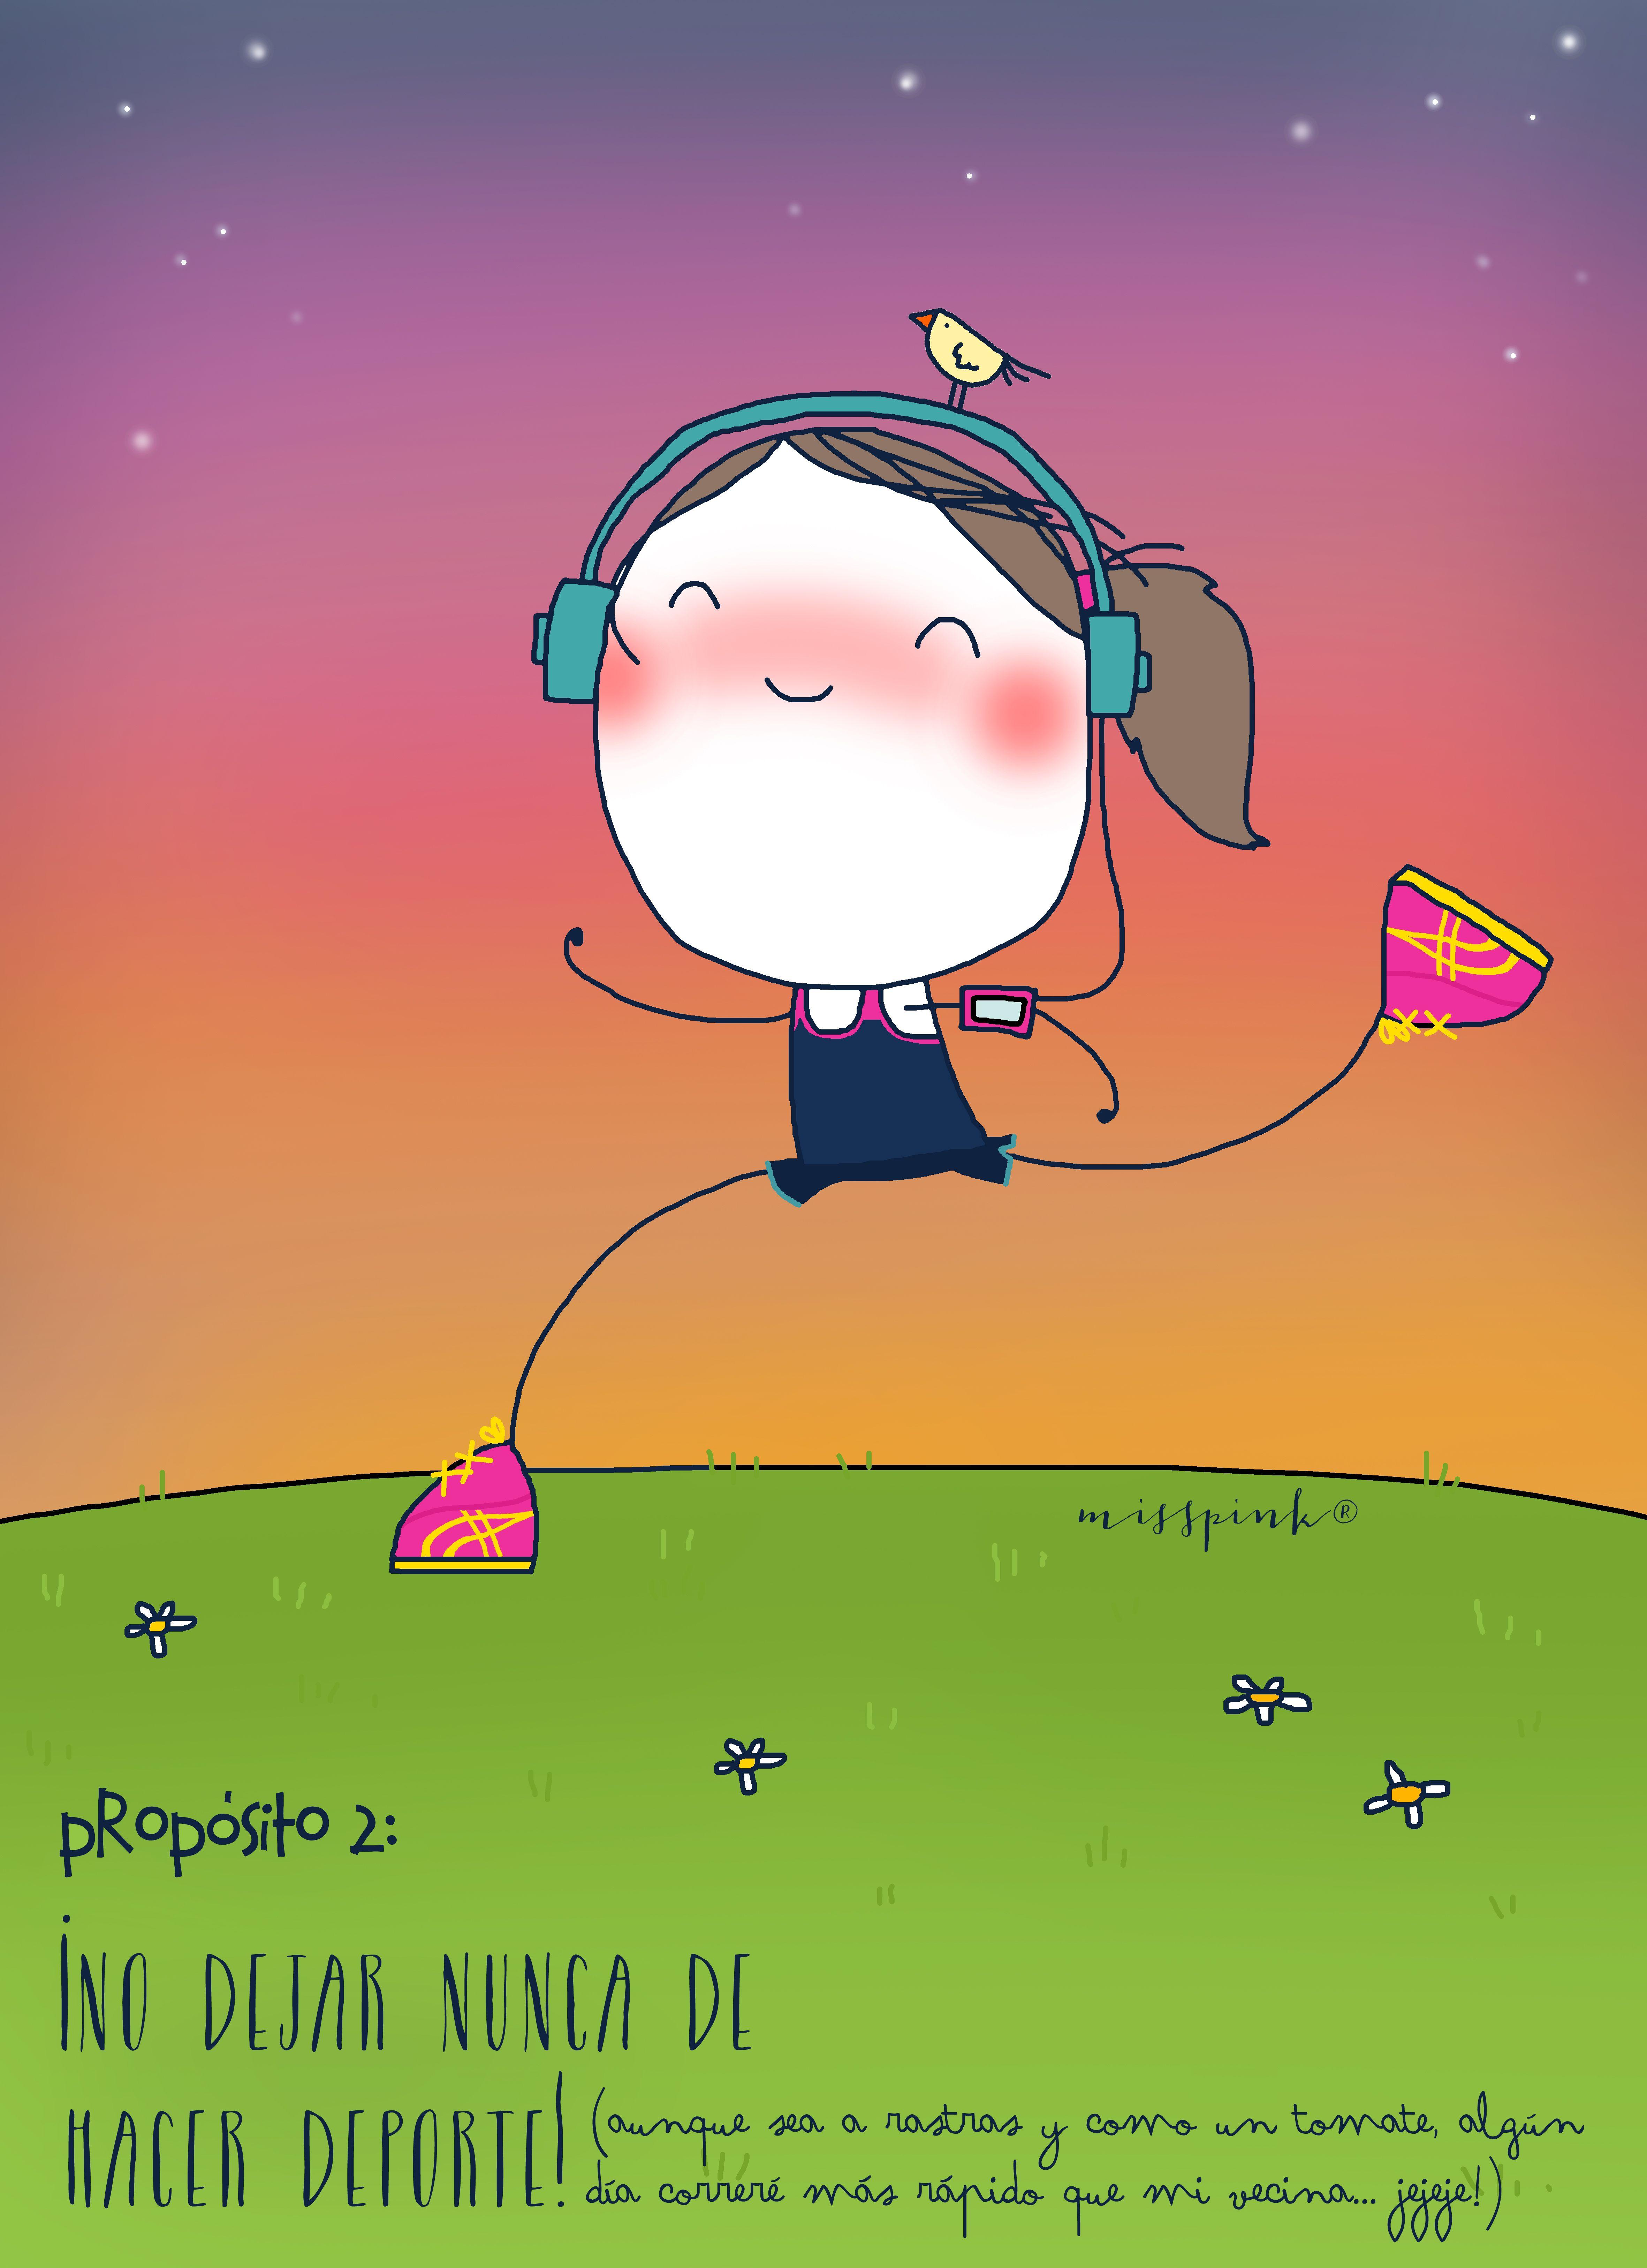 ¡ No dejar nunca de hacer deporte!, Propósito nº 2 ¡Seguir amando el deporte! misspink,